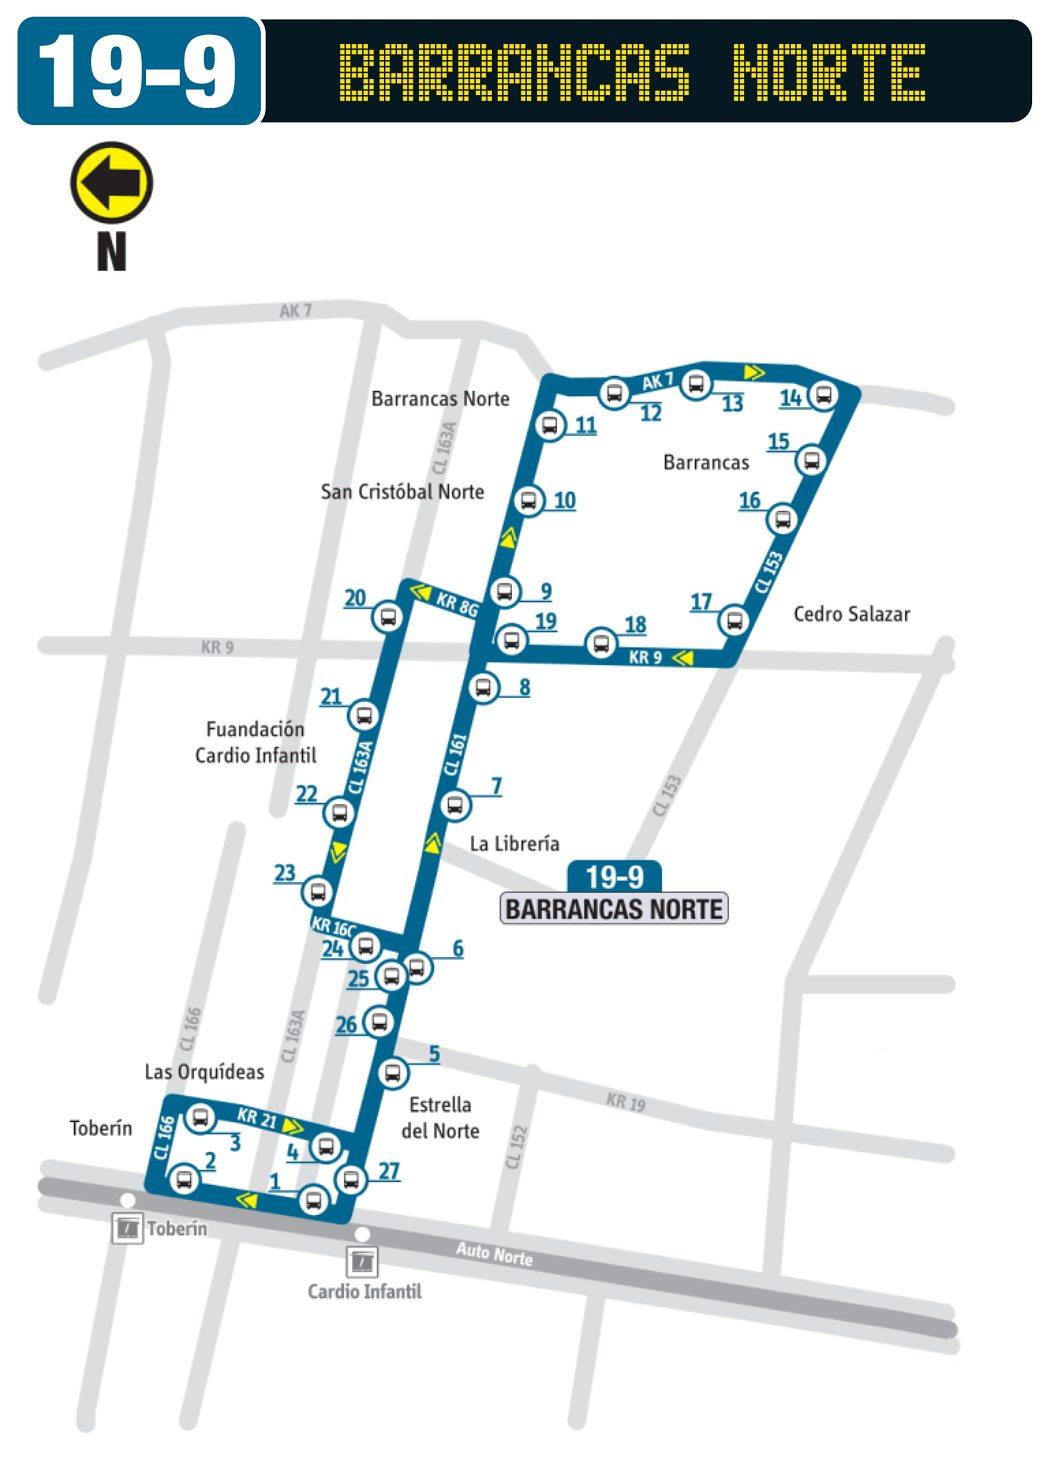 Mapa bus urbano: 19-9 Barrancas Norte